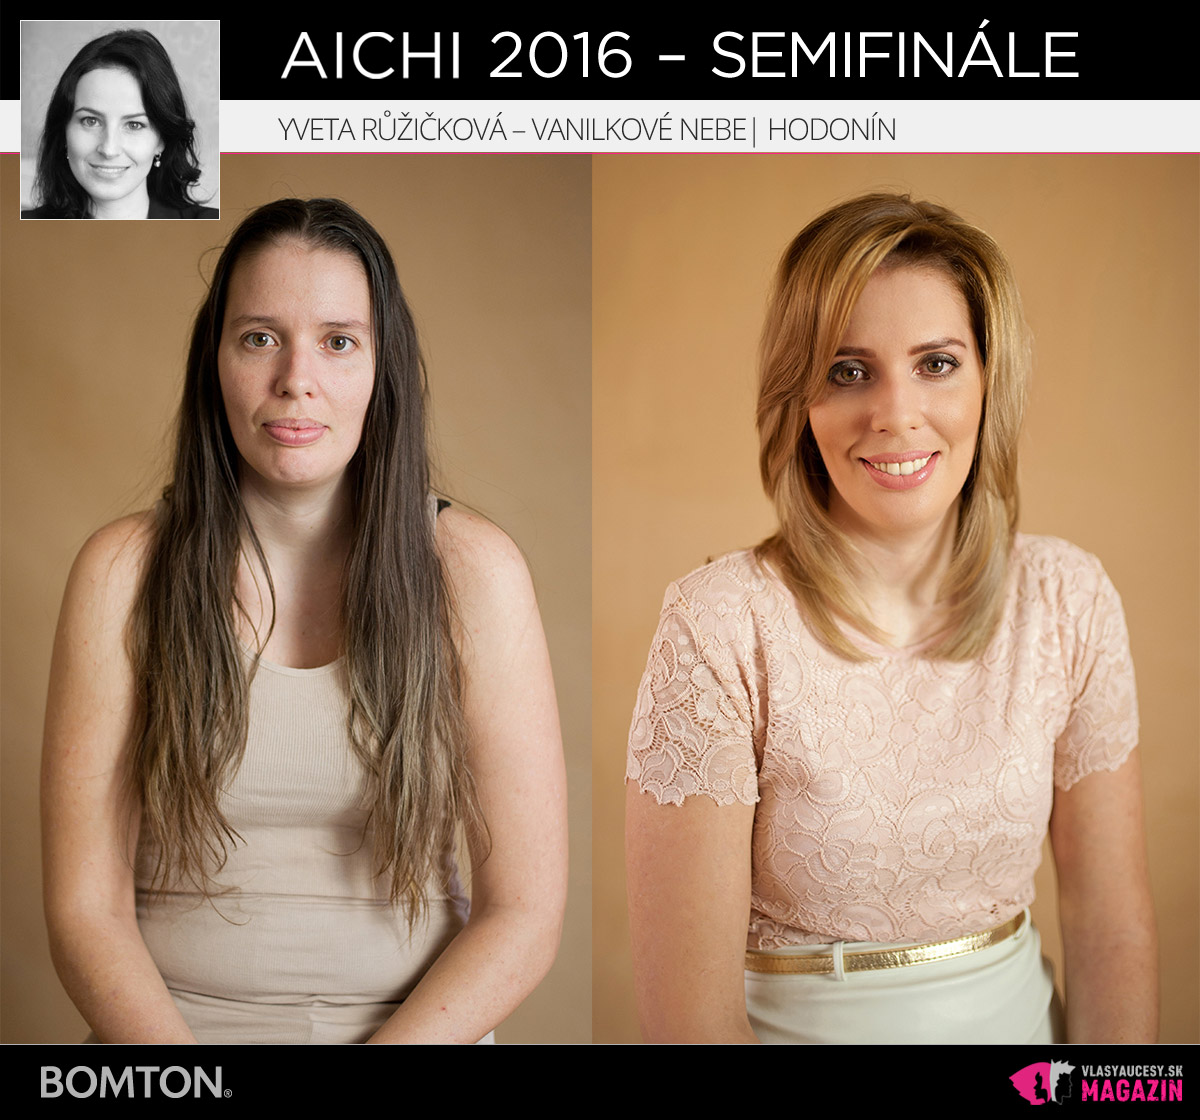 Yveta Růžičková – Vanilkové Nebe, Hodonín | Premeny AICHI 2016 – postupujúci do semifinálového kola